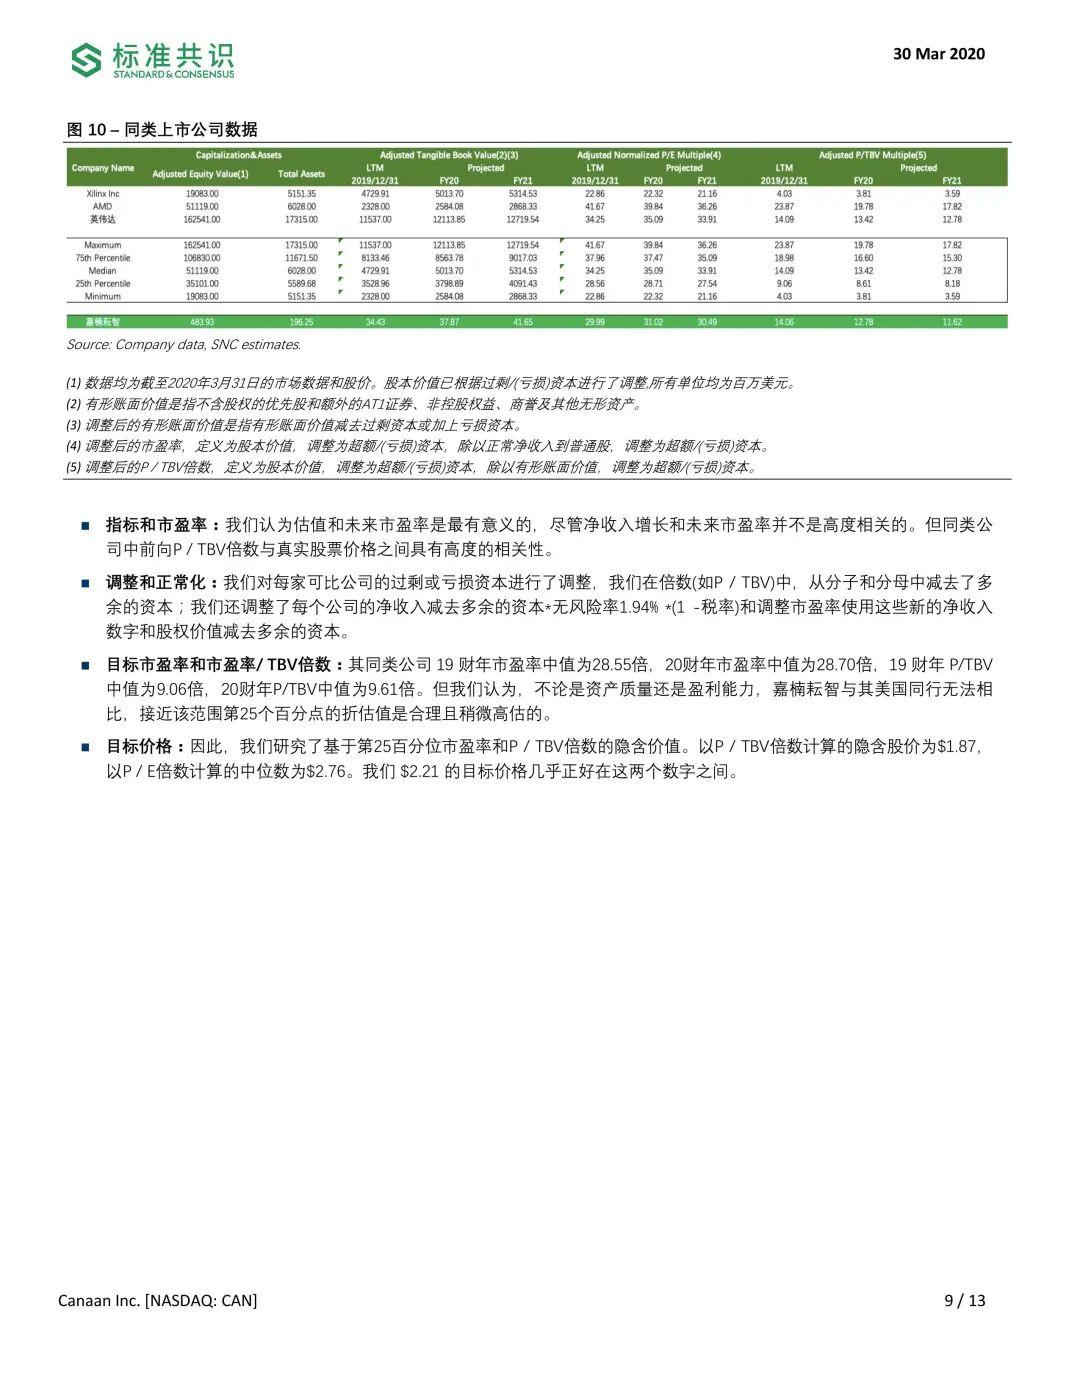 「火币网」嘉楠耘智研究报告